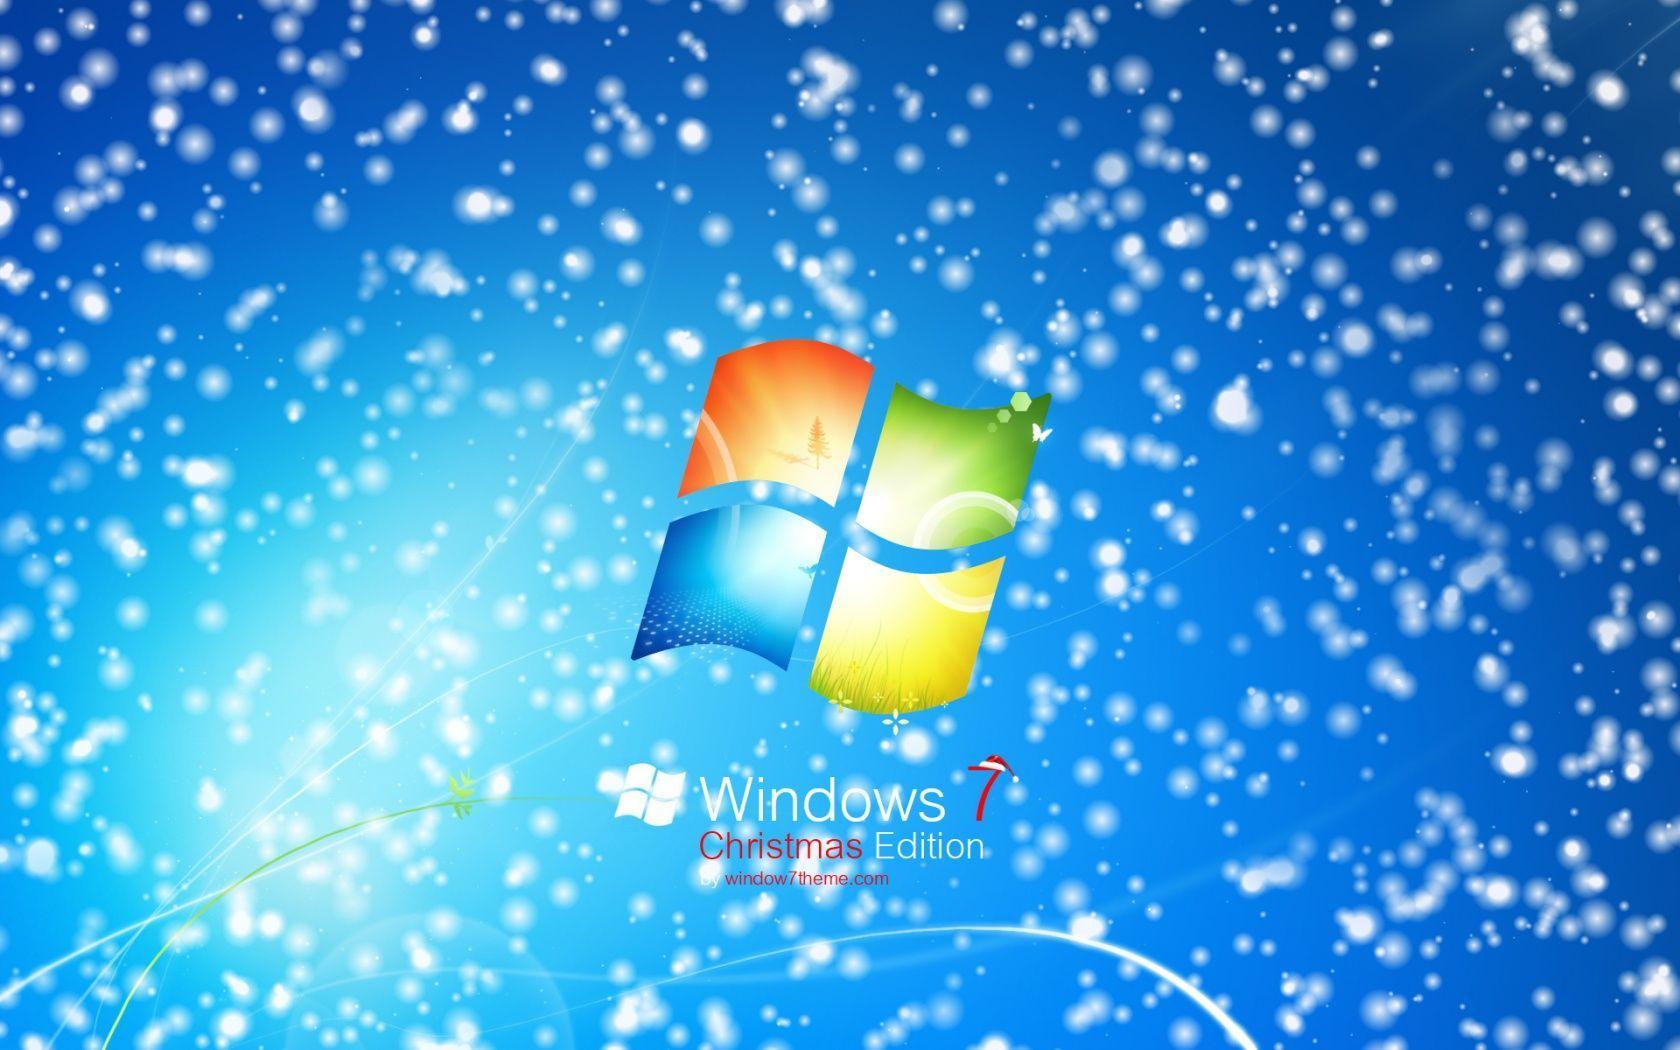 Hình nền máy tính và Mac 1680x1050 Windows 7 Christmas cho PC và Mac